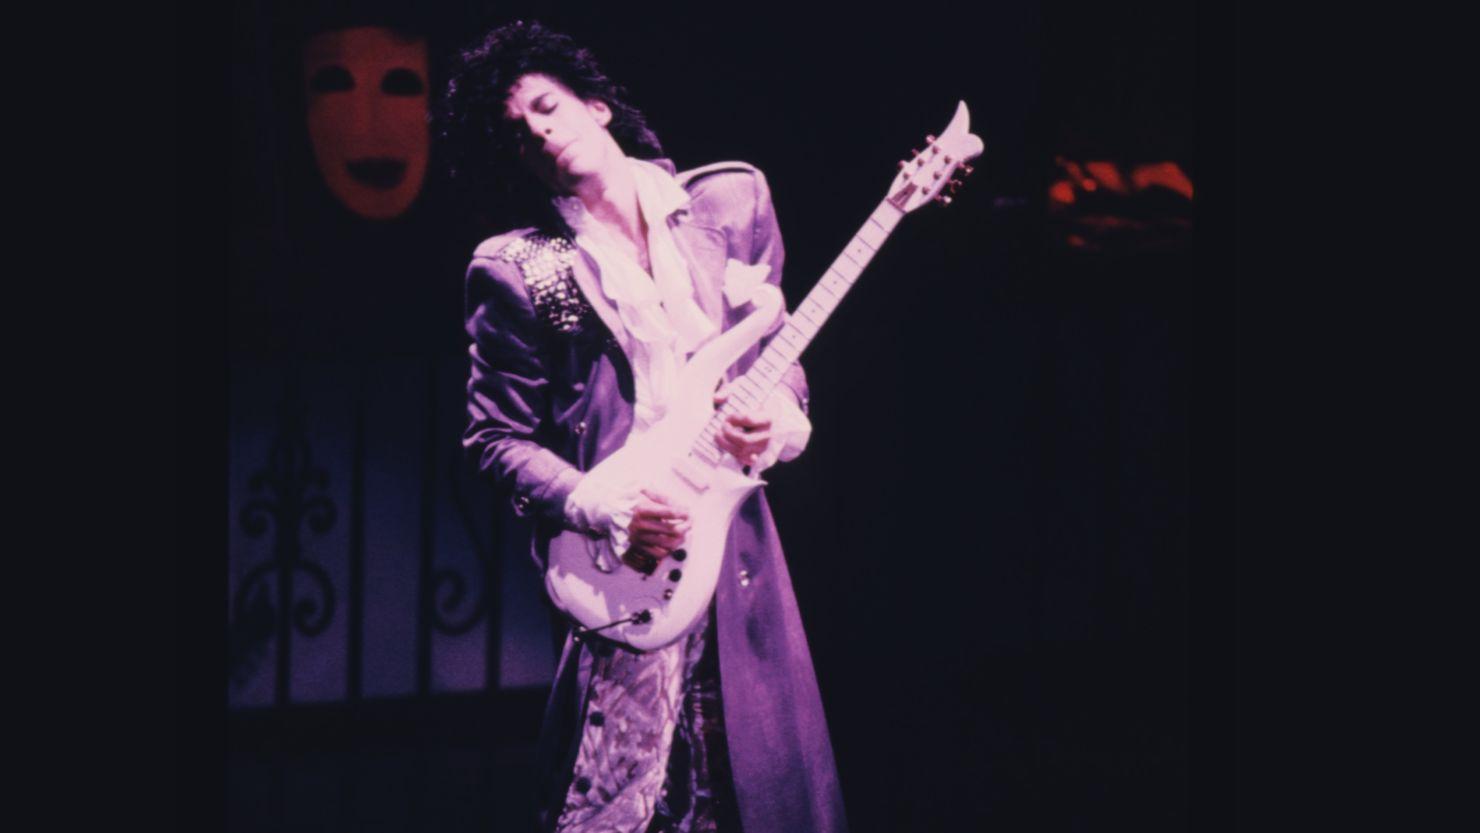 Este concierto de Prince sólo estará disponible estos días en Youtube, ¡no te lo pierdas!